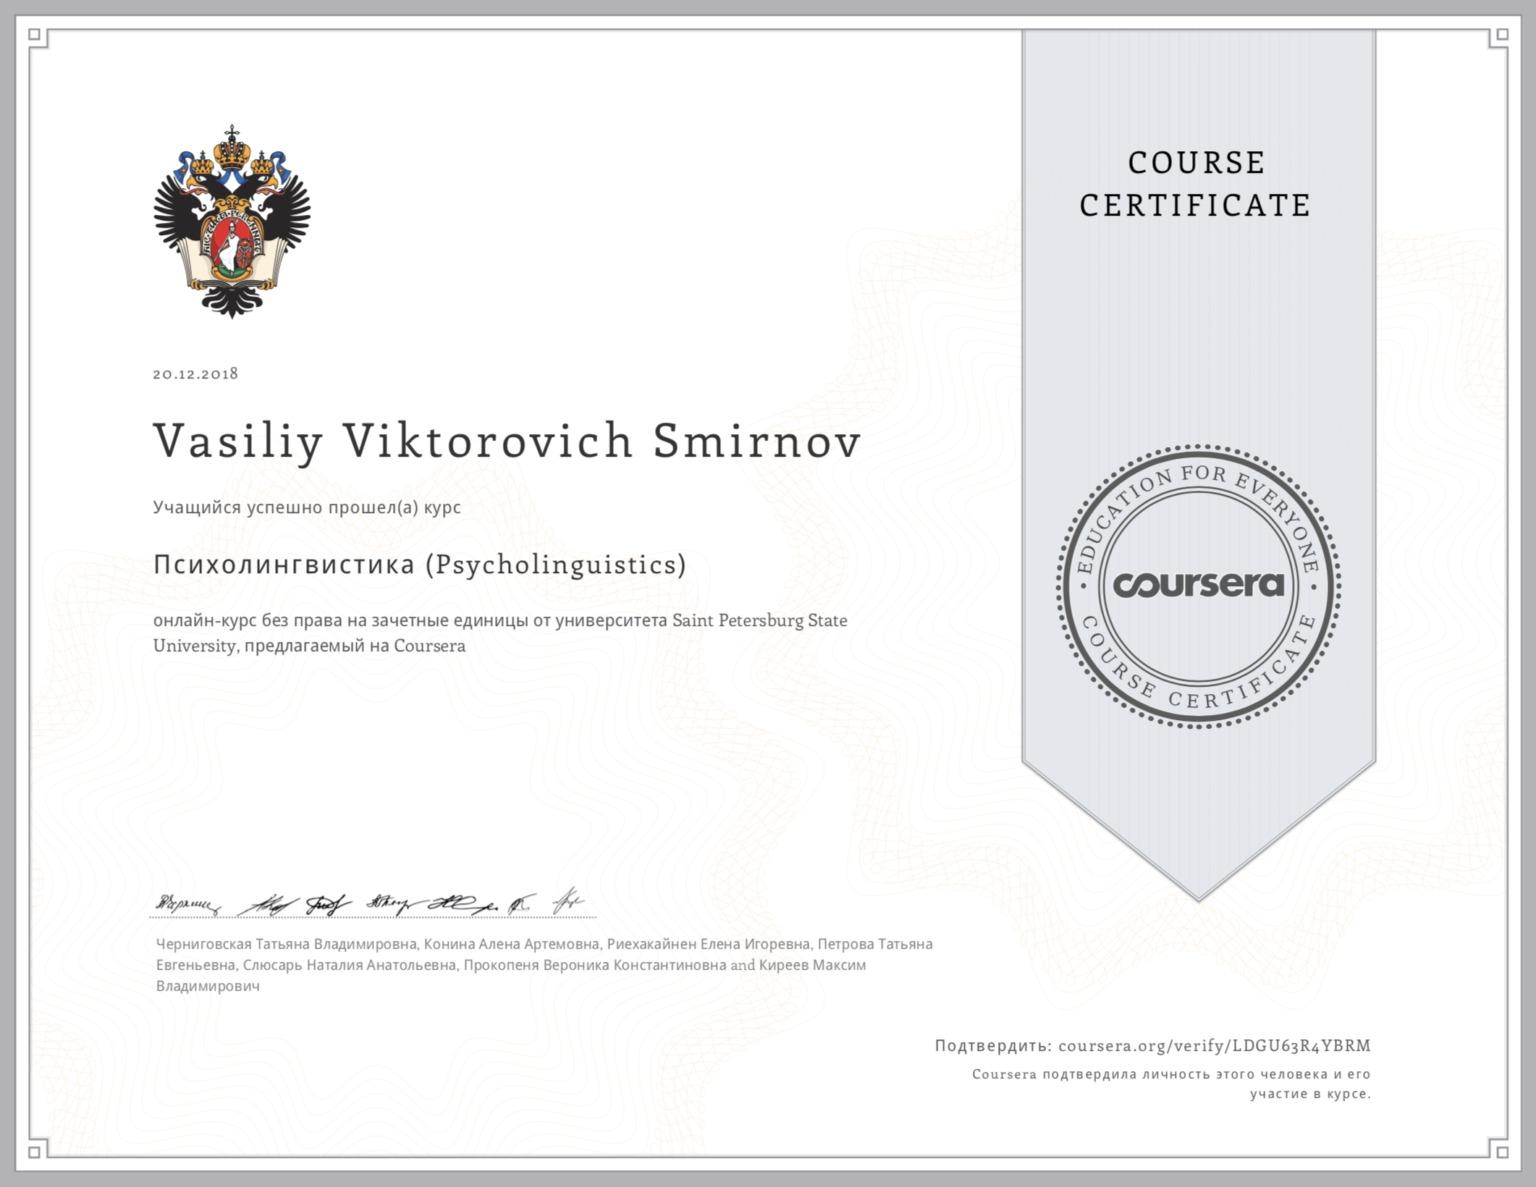 диплом по психолингвистике в СПБГу